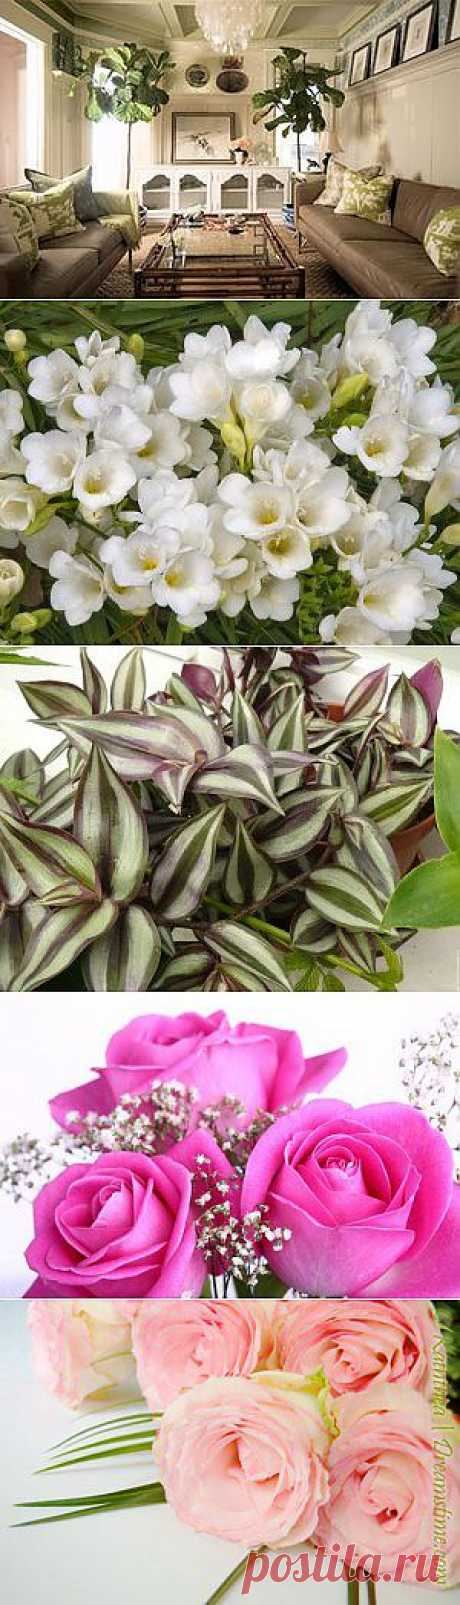 Интересные факты о комнатных растениях | Все о цветах